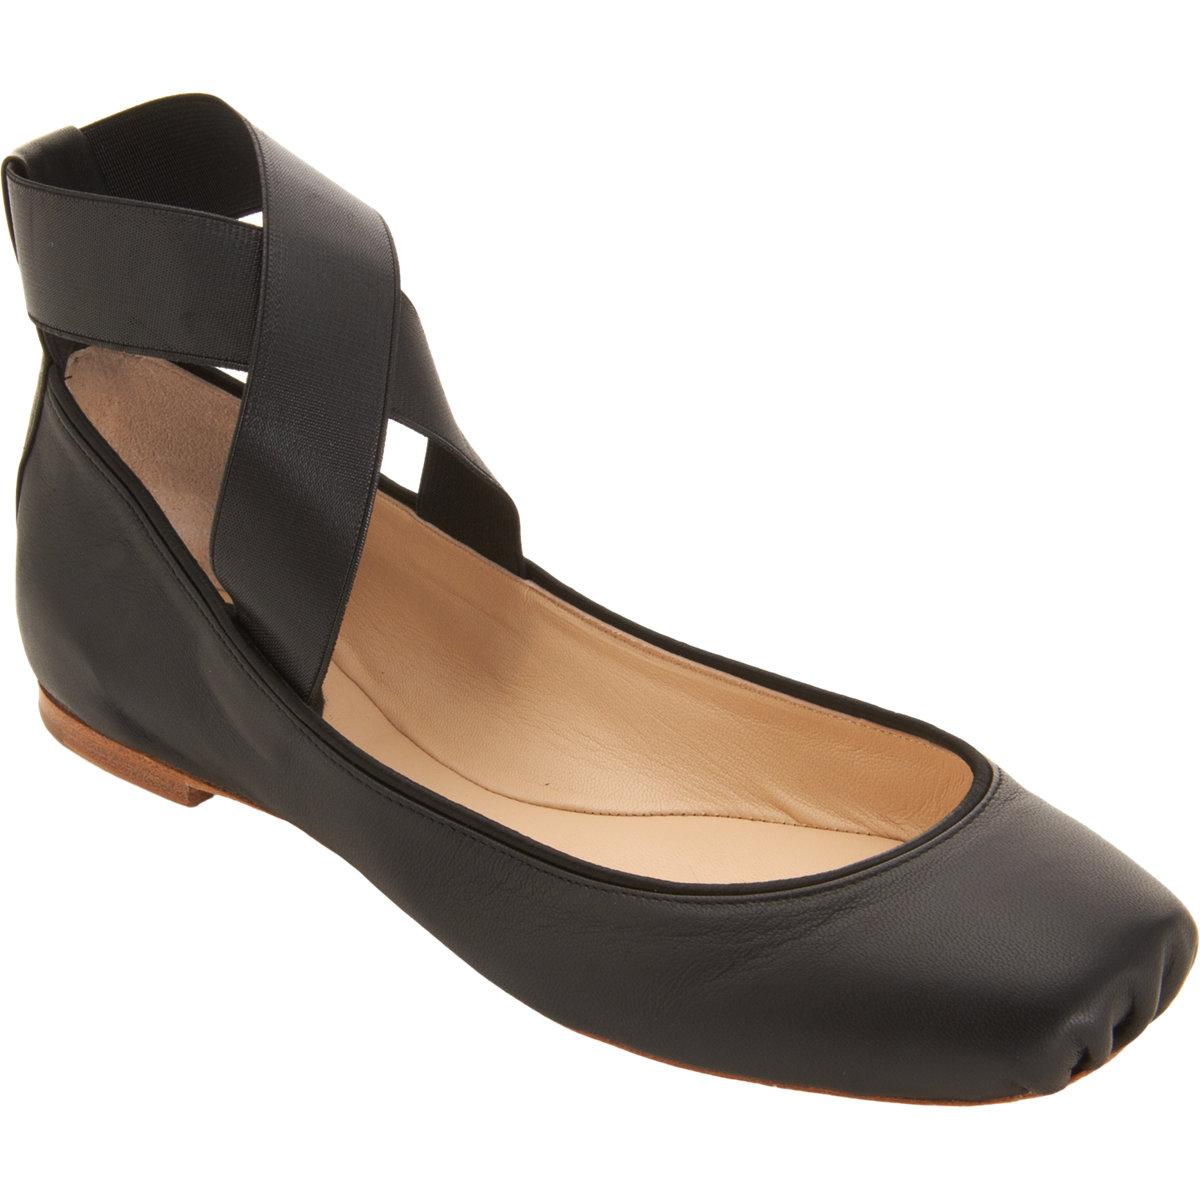 Chloe Flat Shoes